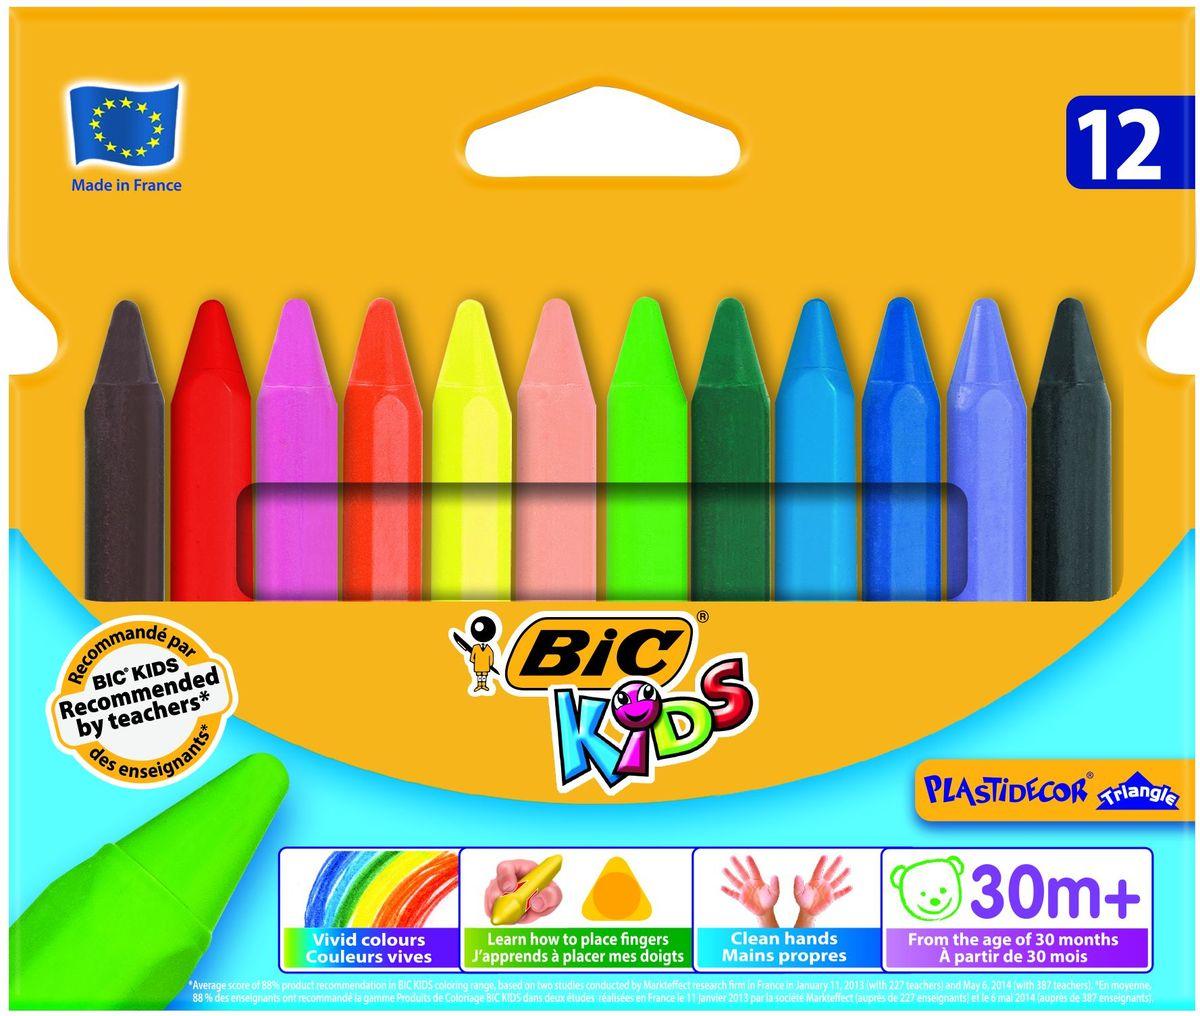 Bic Мелки цветные Plastidecor 12 цветовFS-36052Восковые мелки Bic Plastidecor откроют юным художникам новые горизонты для творчества, а также помогут отлично развить мелкую моторику рук, цветовое восприятие, фантазию и воображение. Прочные пластиковые мелки предназначены для рисования на картоне и бумаге. Утолщенный трехгранный корпус особенно удобен для детской руки. Мелки обеспечивают удивительно мягкое письмо, обладают отличными кроющими свойствами. Их можно затачивать и стирать как карандаш. Мелки не пачкаются, что позволит сохранить руки чистыми.В набор входят восковые мелки 12 ярких классических цветов. Идеальный инструмент для рисования для детей от 30 месяцев.